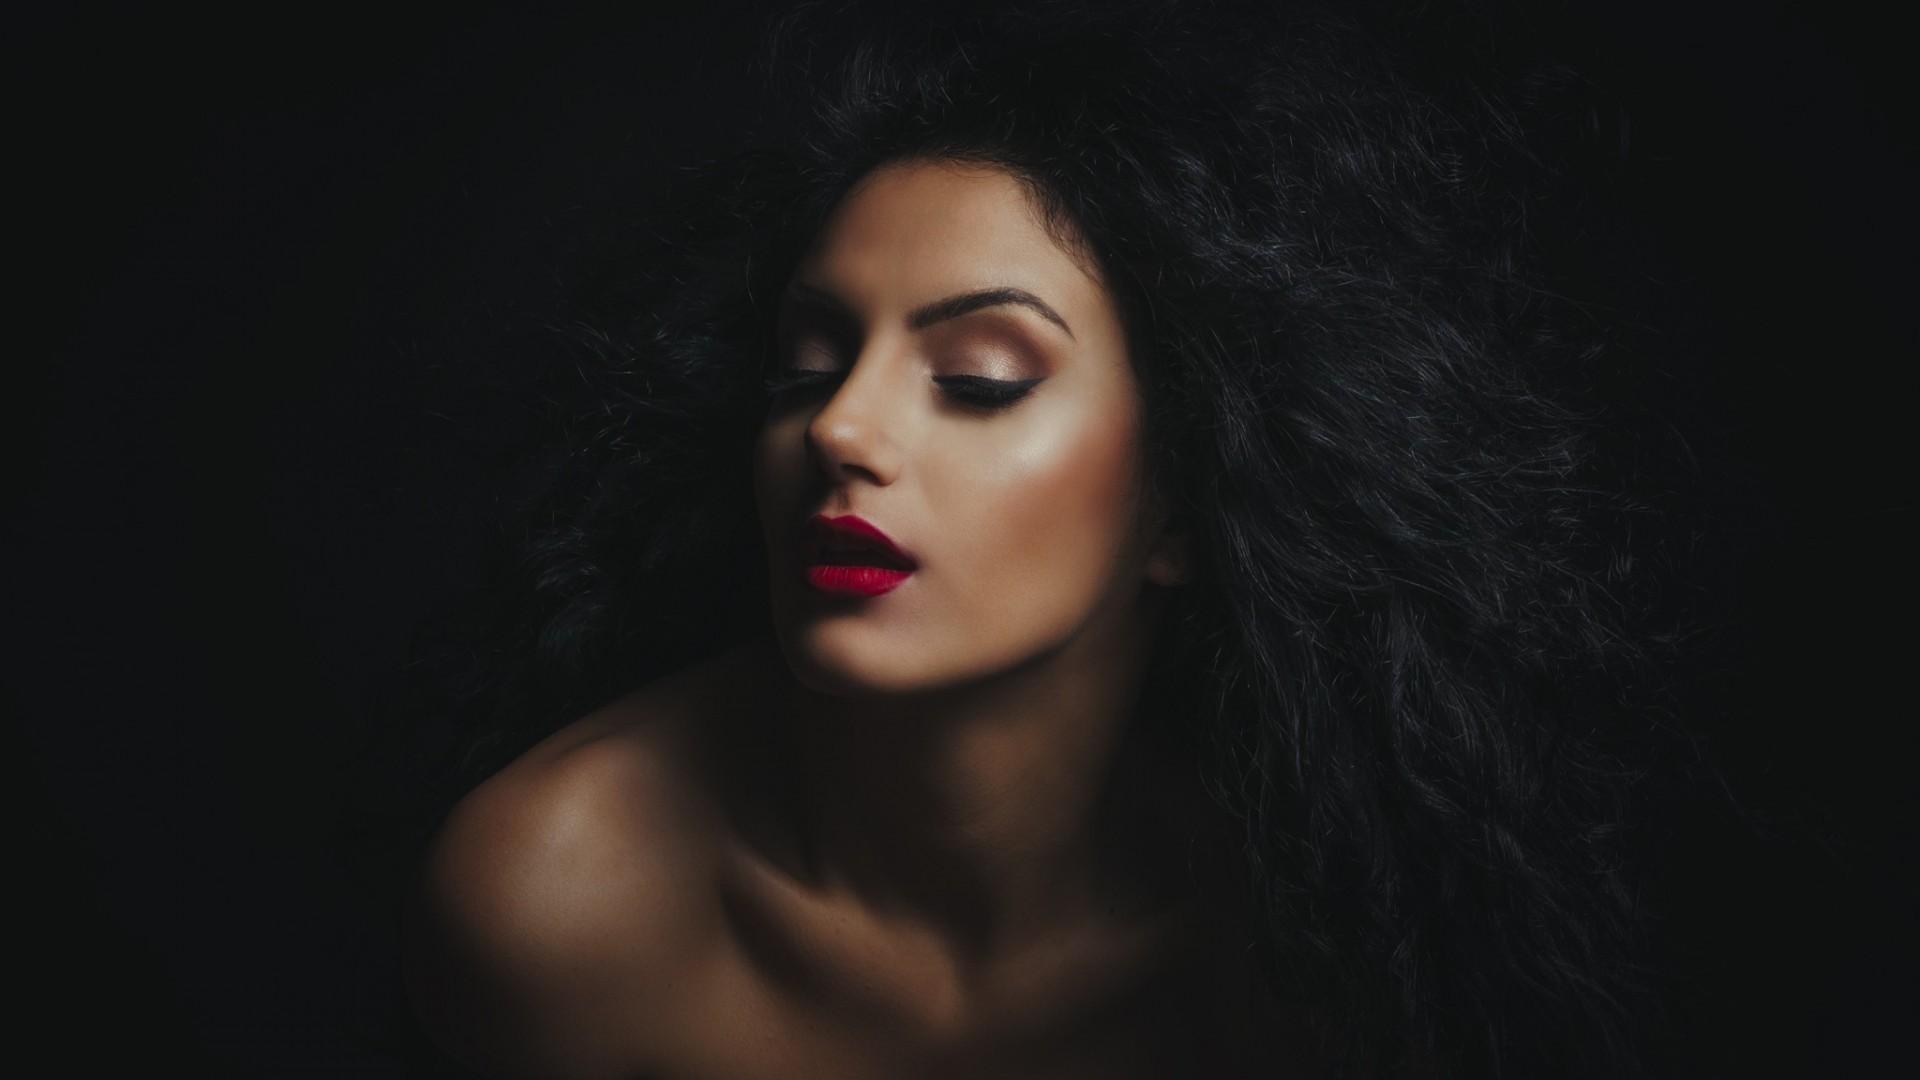 wallpaper face women black background dark brunette